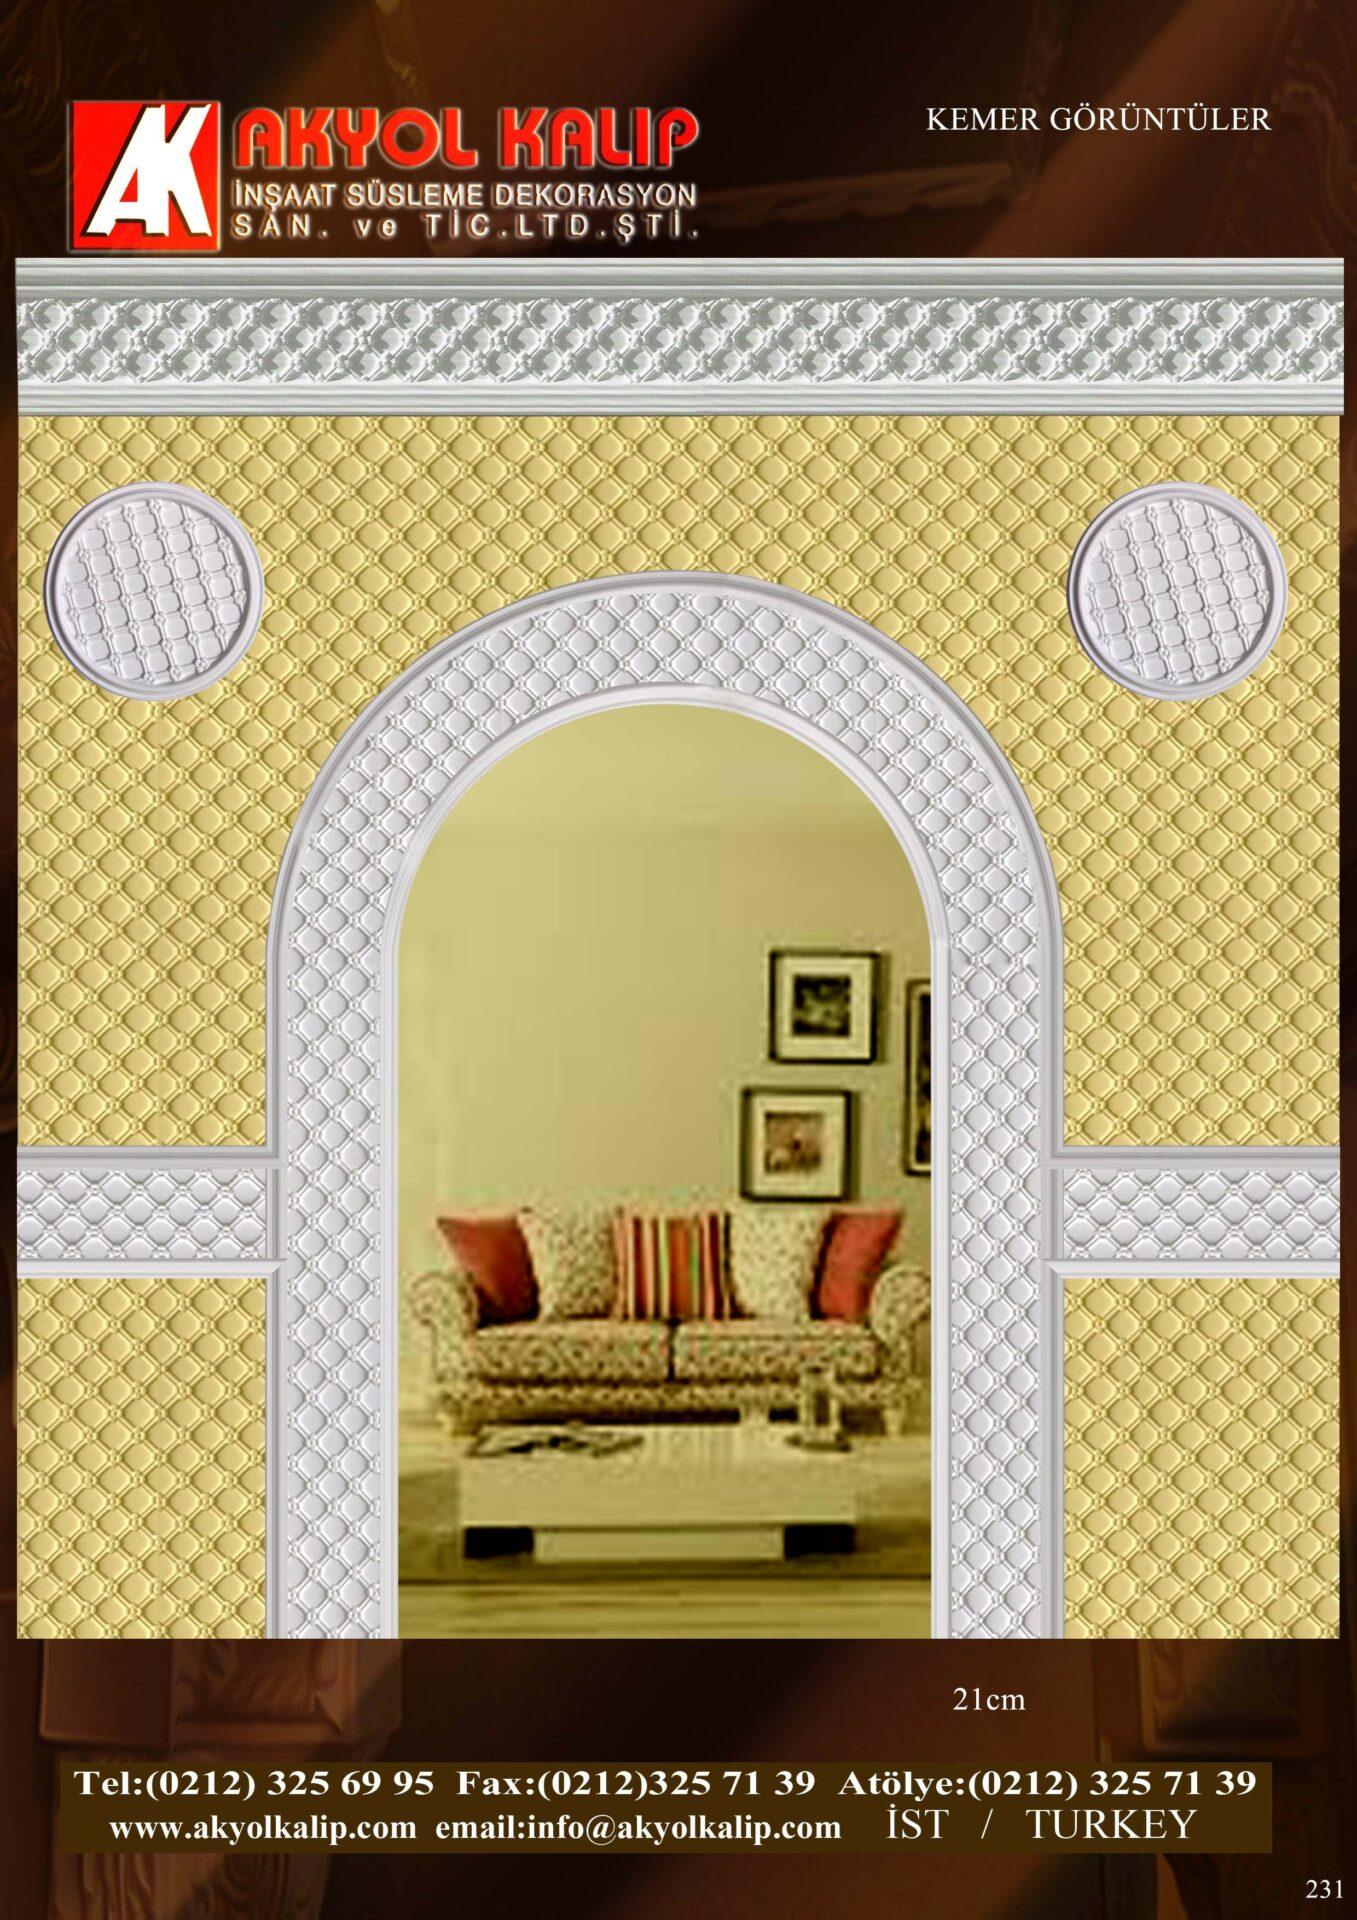 polyetsre süsleme kalıpları, alçı süsleme kalıpları, duvar süsleme modeleri, alçi duvar süsleme fiyatlari, alçi kalip fiyatlari, polyetsre alçi kalip fiyatlari, polyester kalip fiyatlari, kartonpiyer kalip fiyatlari, dekoratif alçi kalip fiyatlari, dekoratif silikon kalip fiyatlari, ctp prekast fiyatları, ctp prekast kalıp fiyatları, beton kalıp fiyatları, beton kalıp fabrikası